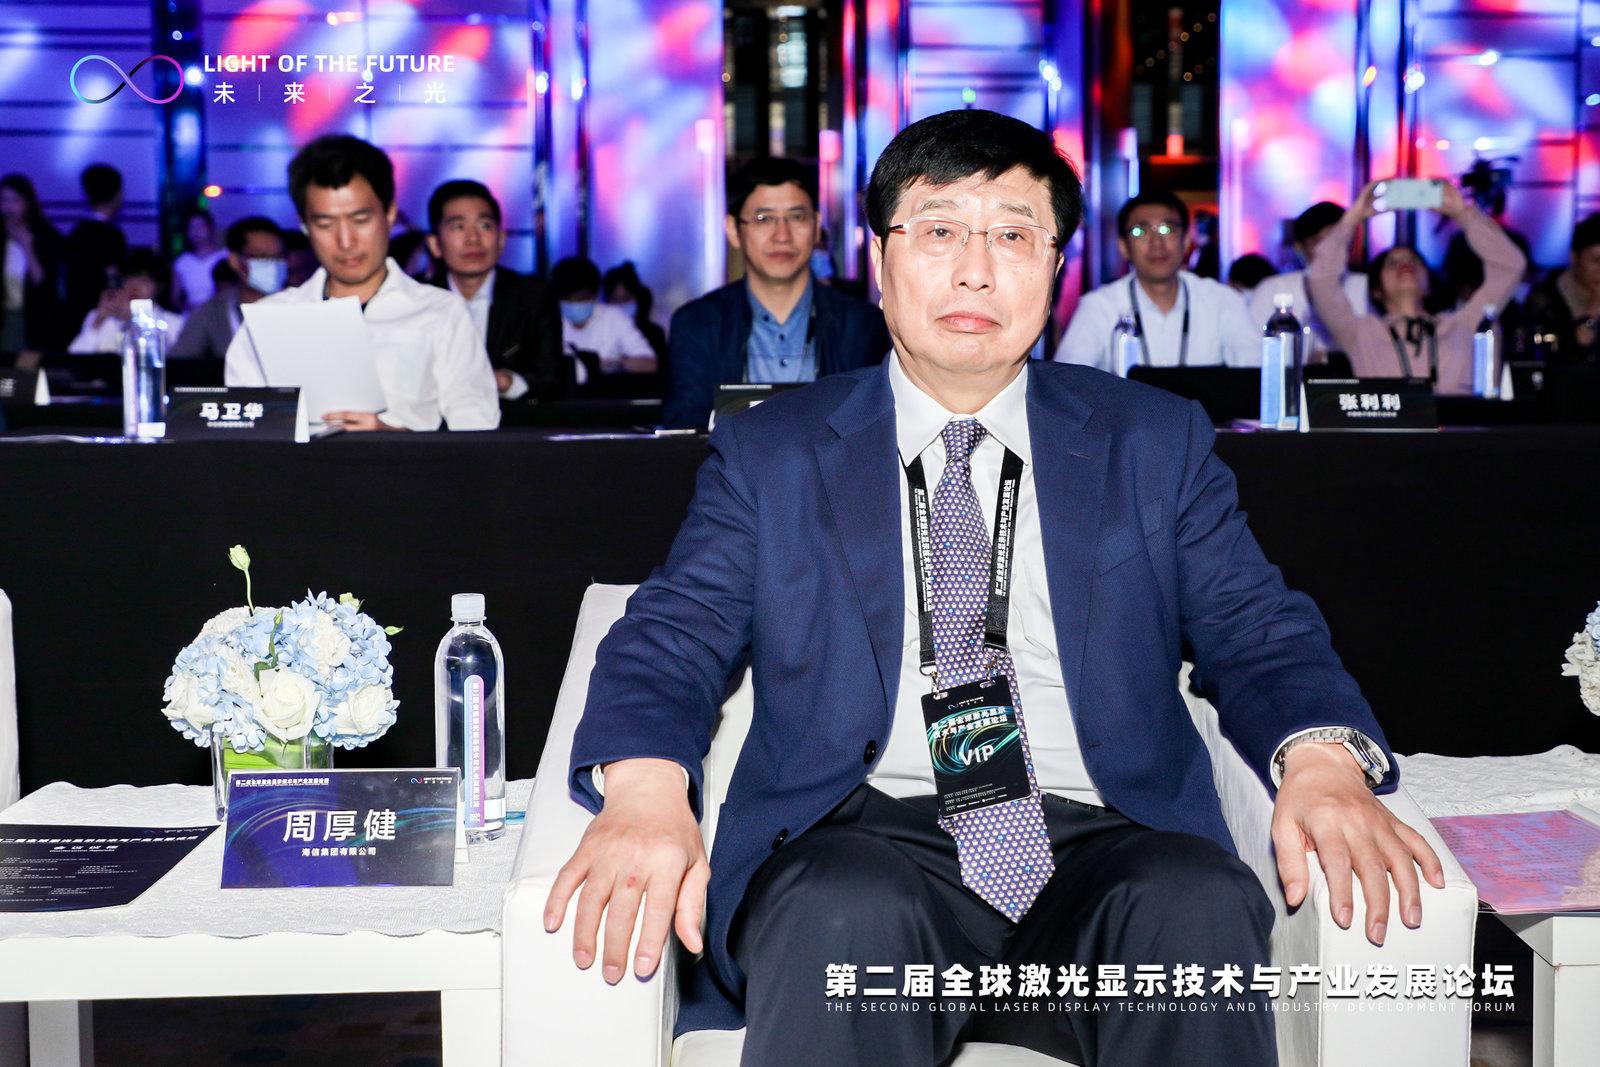 海信集团董事长周厚健:未来五年共享1000项激光电视专利